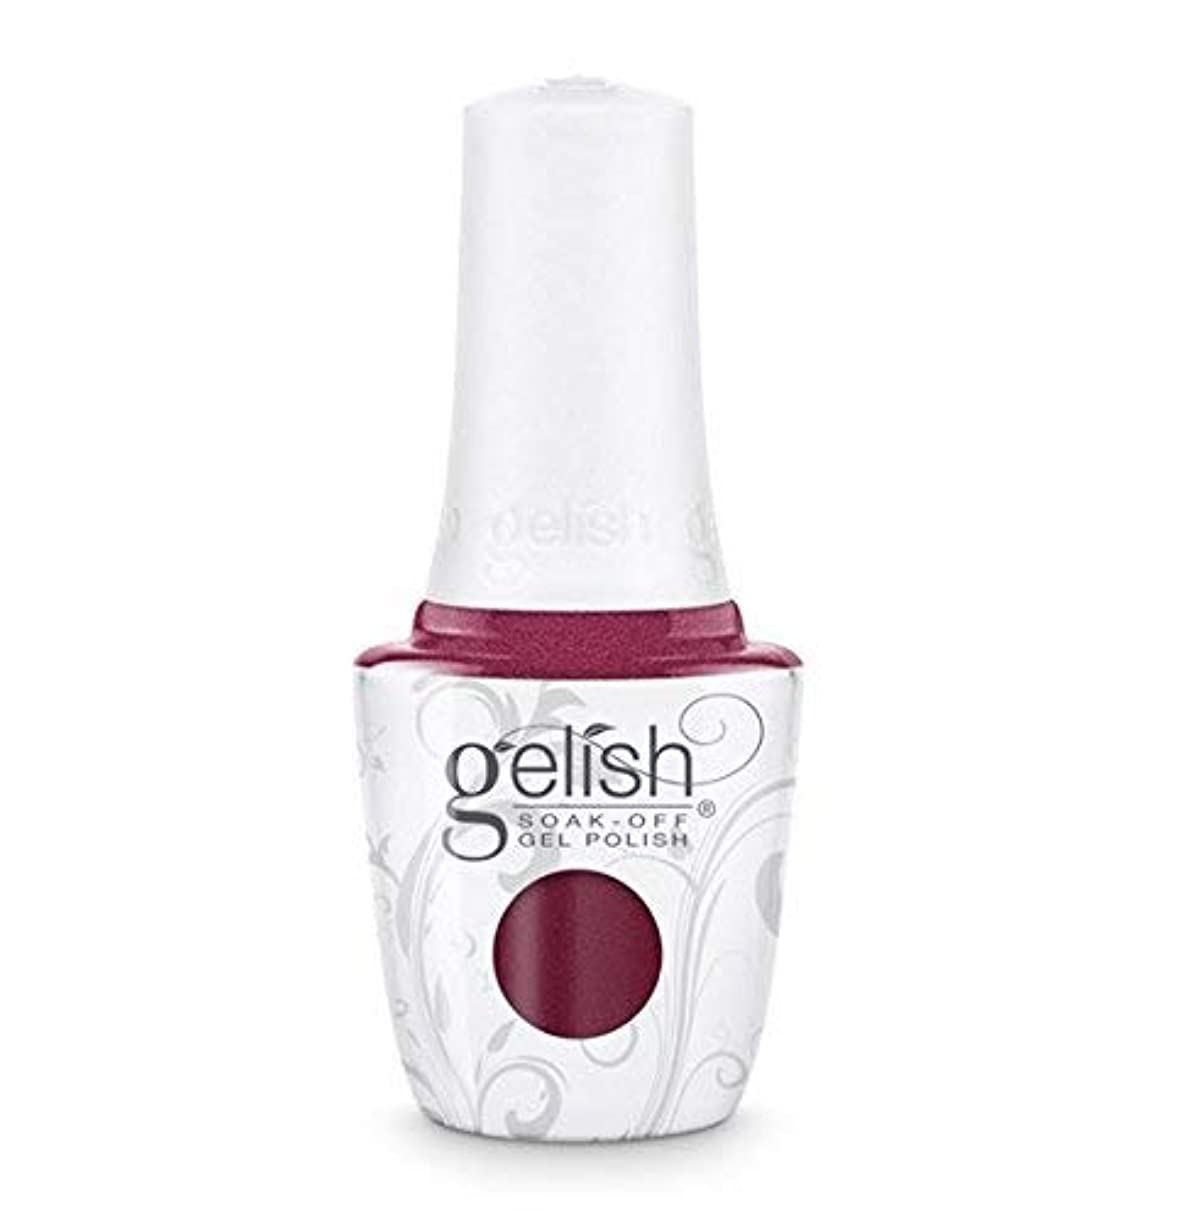 不快な風変わりなお酒Gelish Soak-Off Gel - African Safari Collection - Wanna Share a Tent? - 15 ml/05 oz